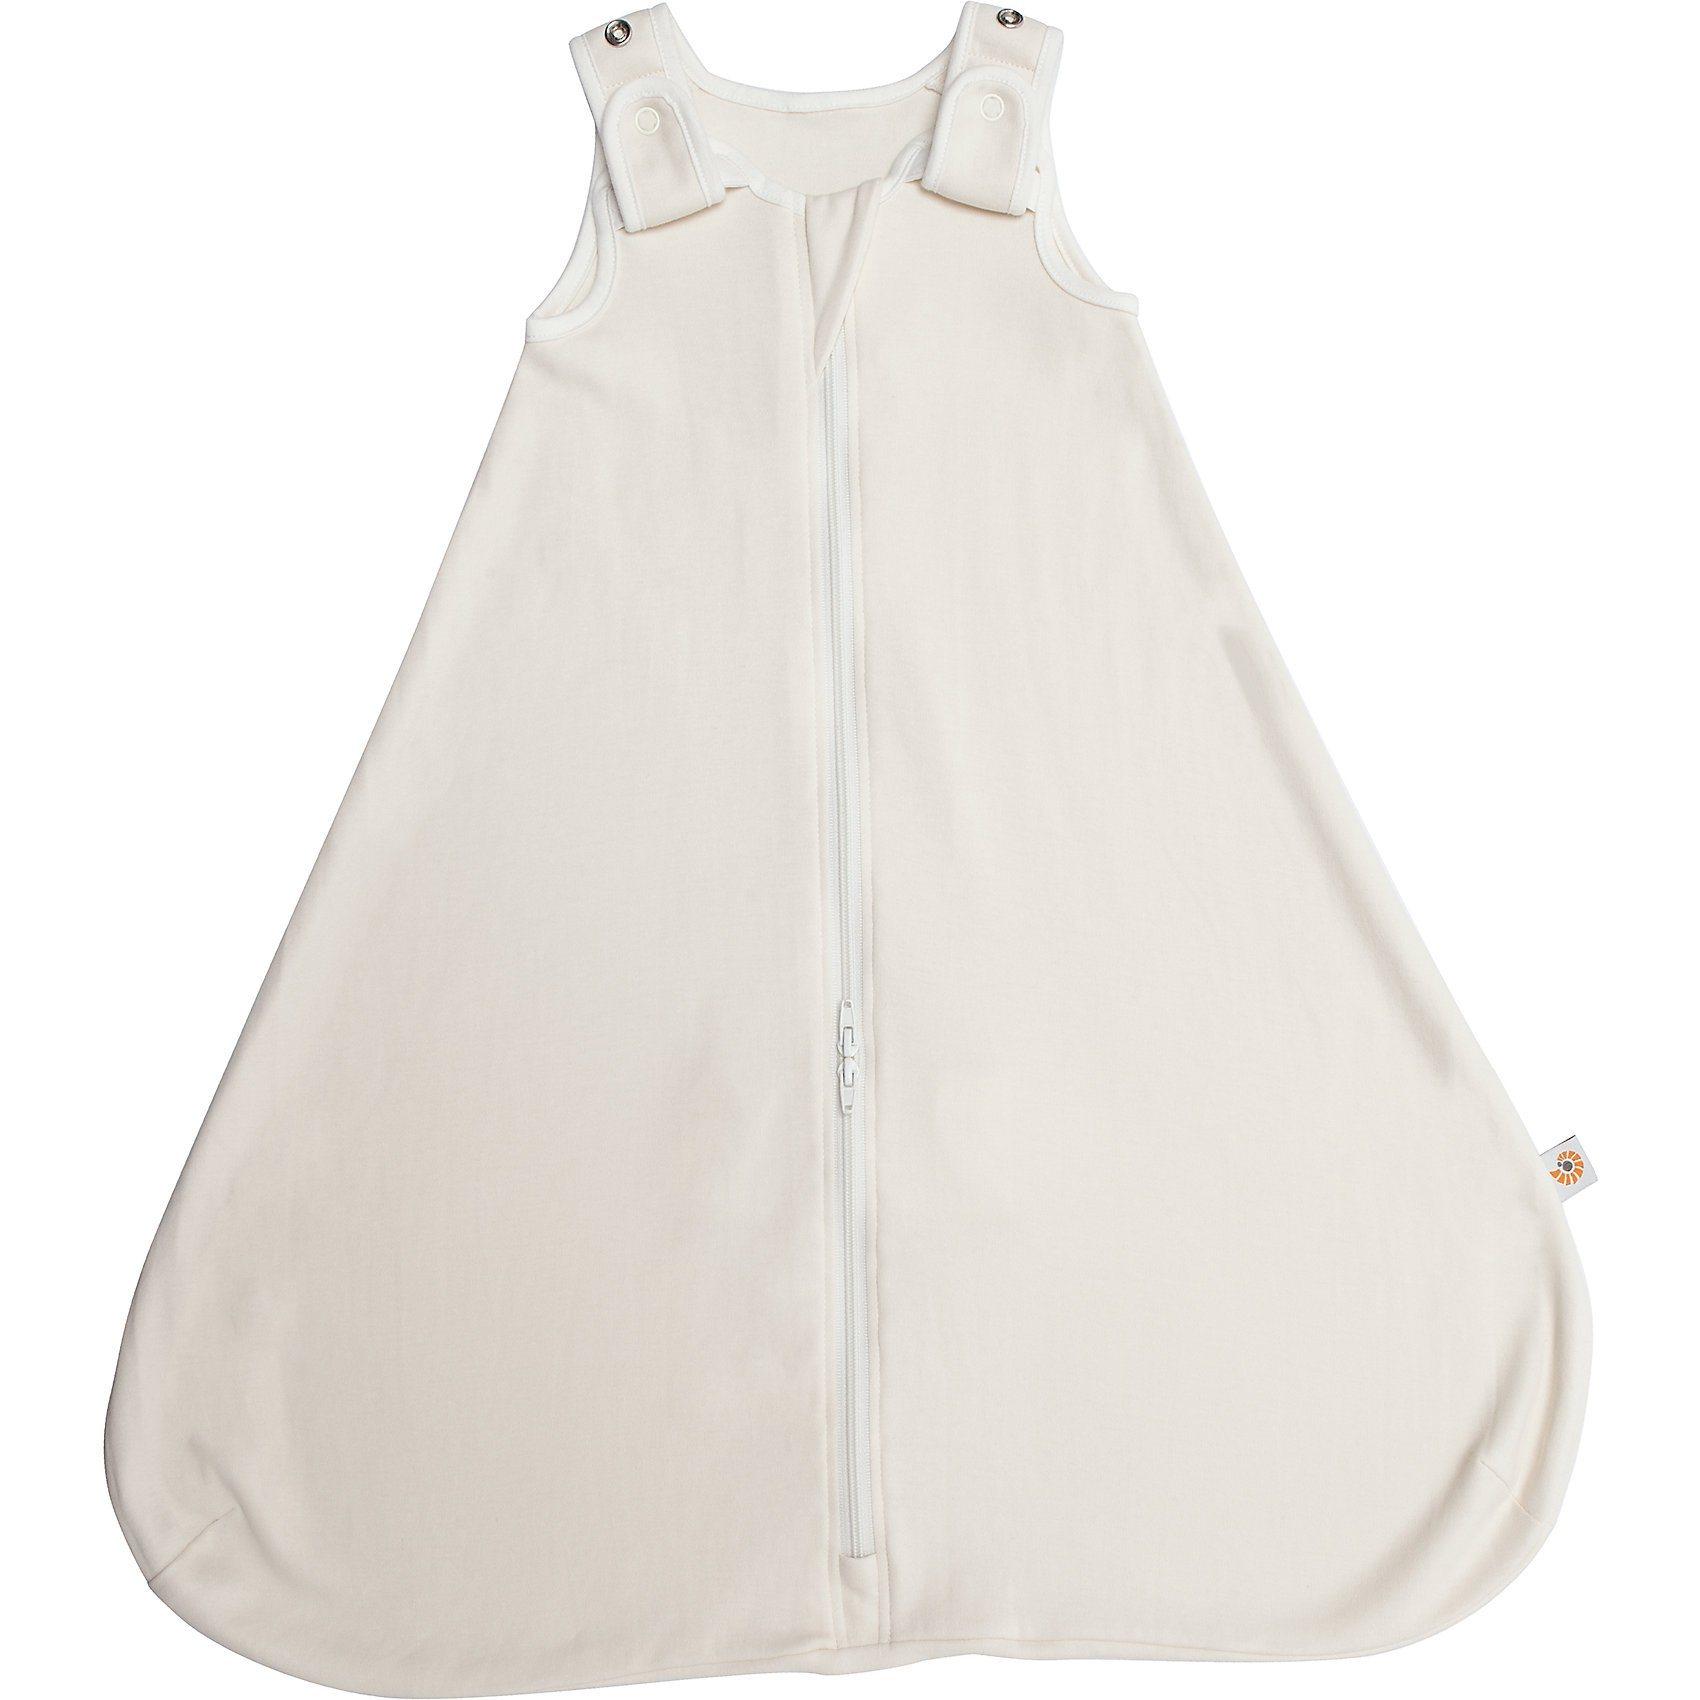 Ergobaby Schlafsack Natural, weiß | Kinderzimmer > Textilien für Kinder > Babytextilien | Baumwolle | Ergobaby